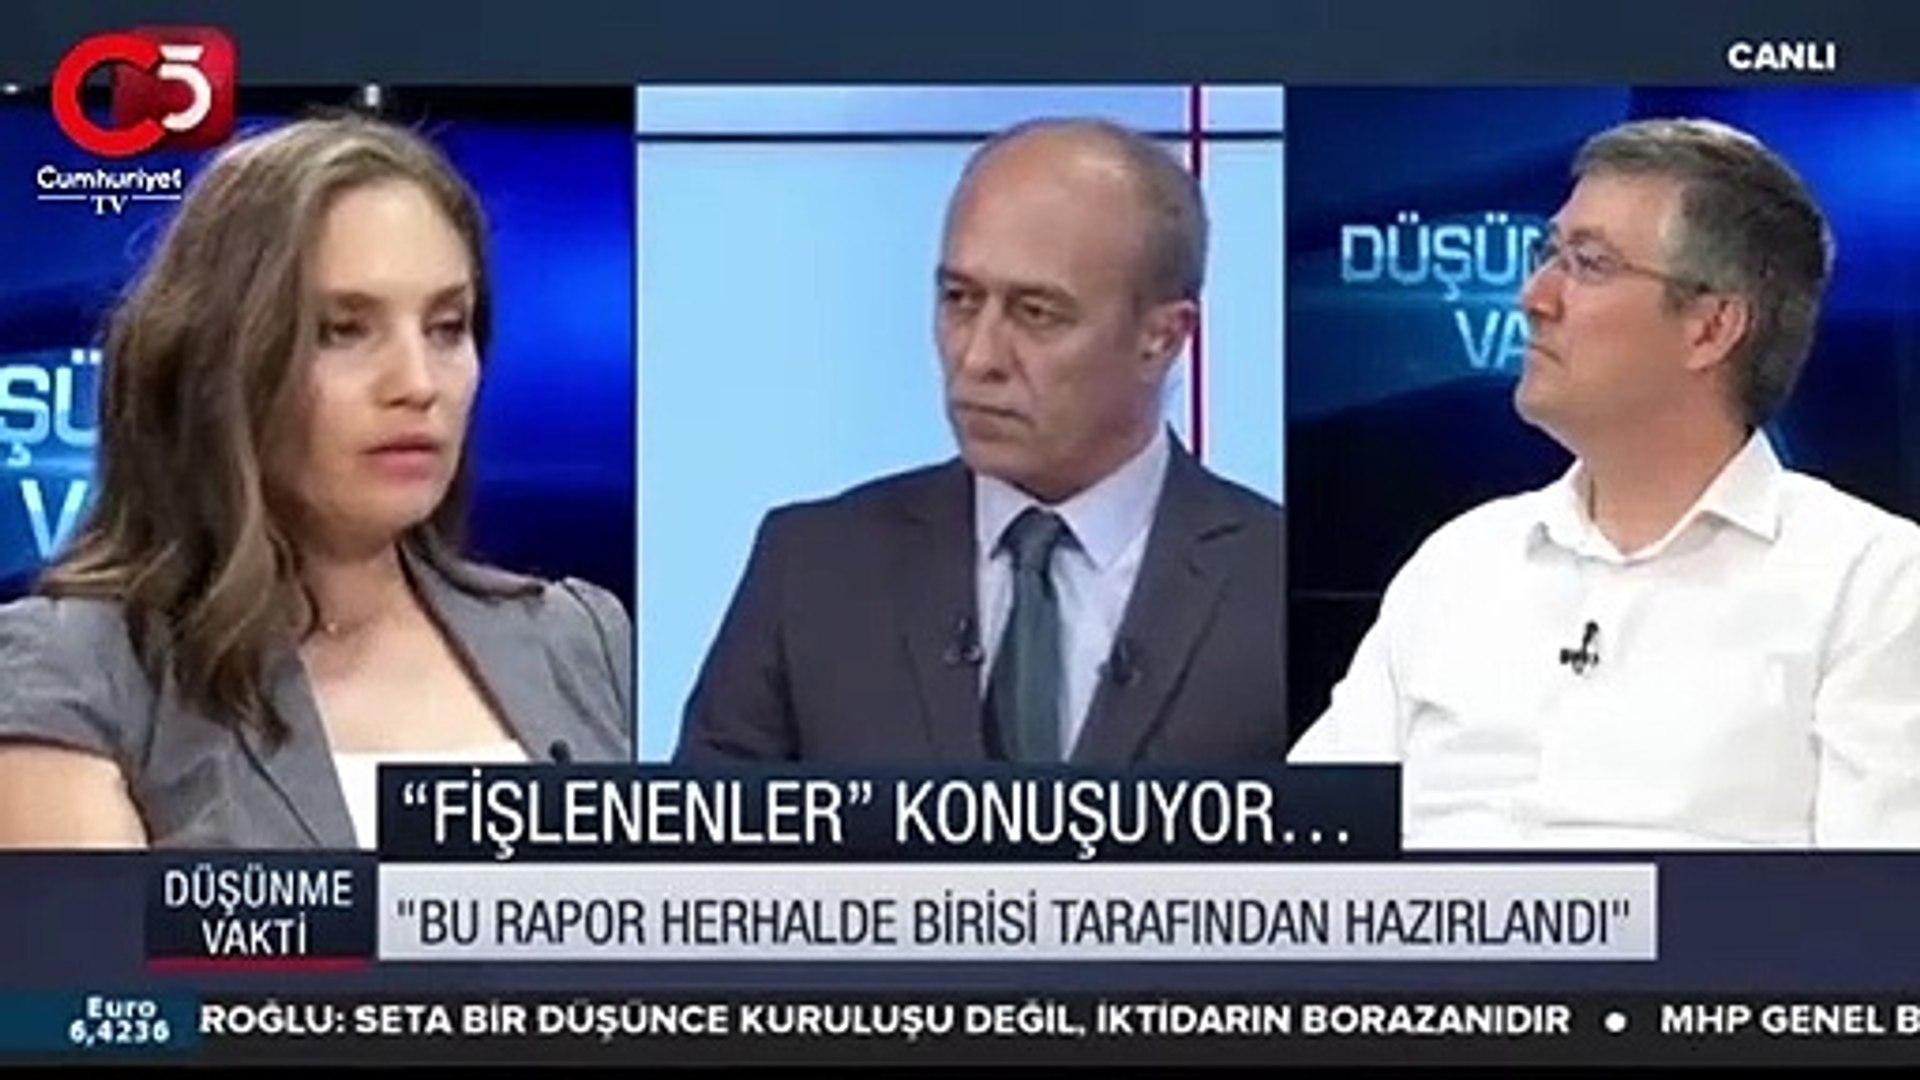 Nevşin Mengü, CNN Türk'ten kovduran kişiyi açıkladı